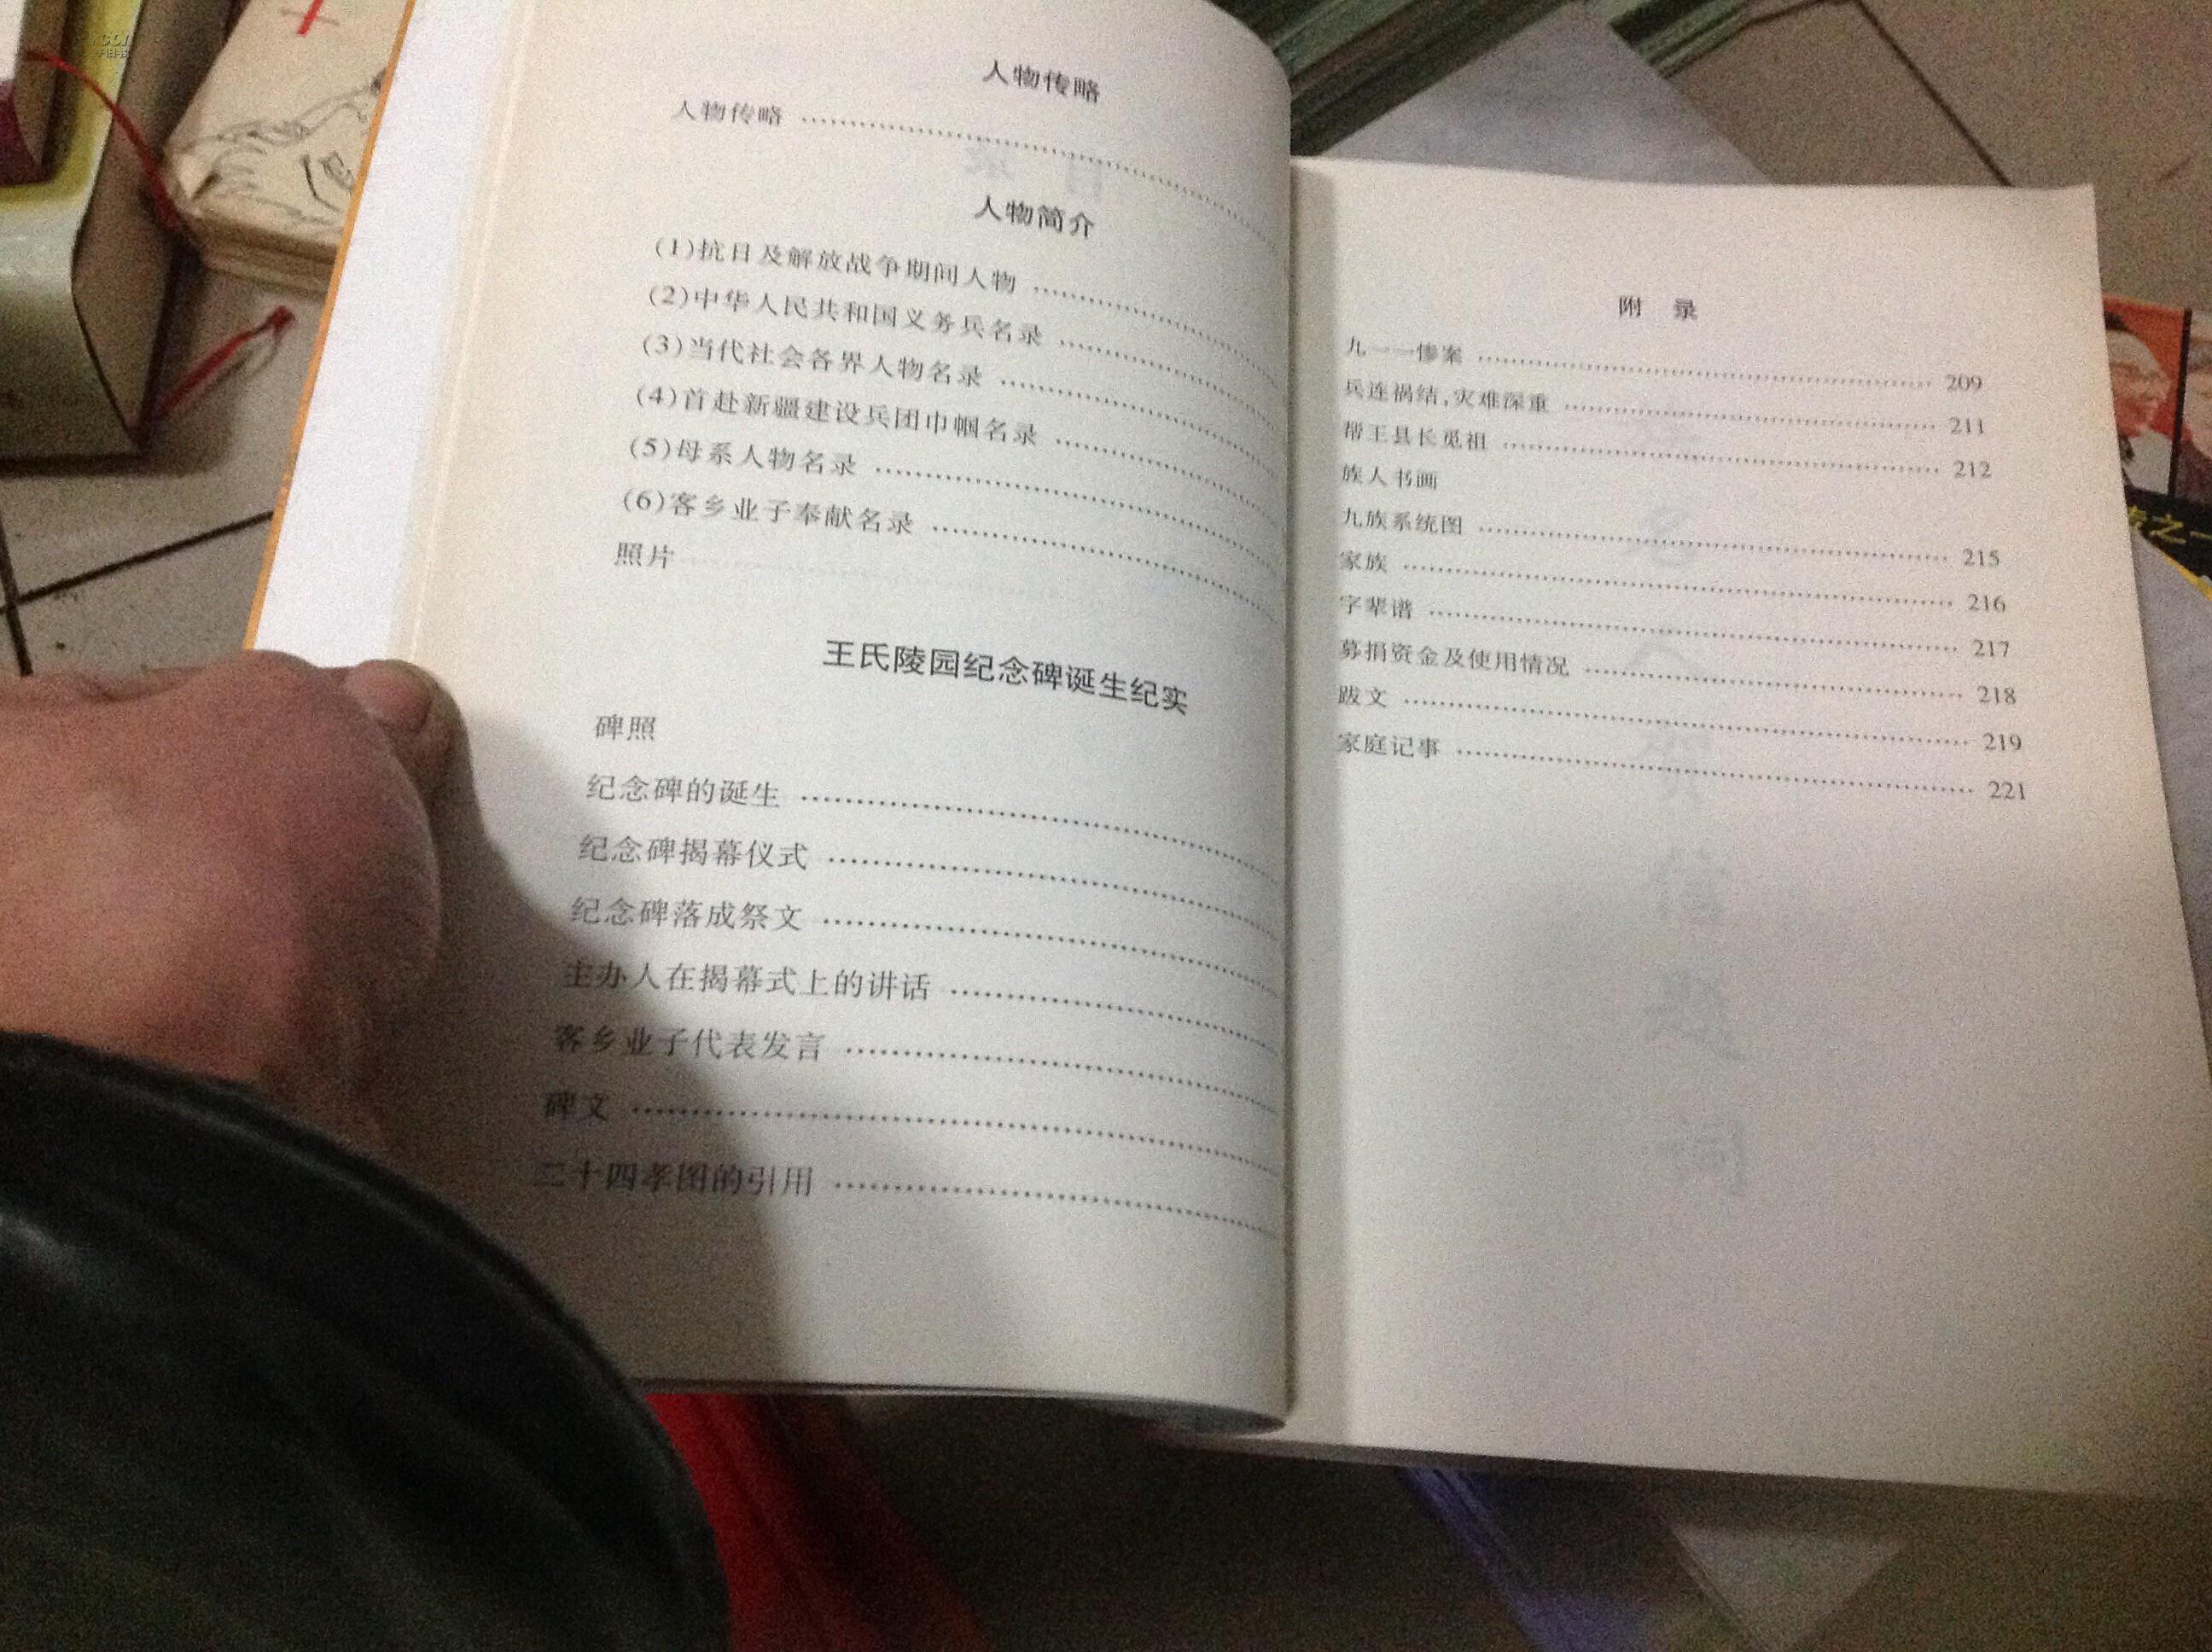 【图】王氏家谱 王育才图片